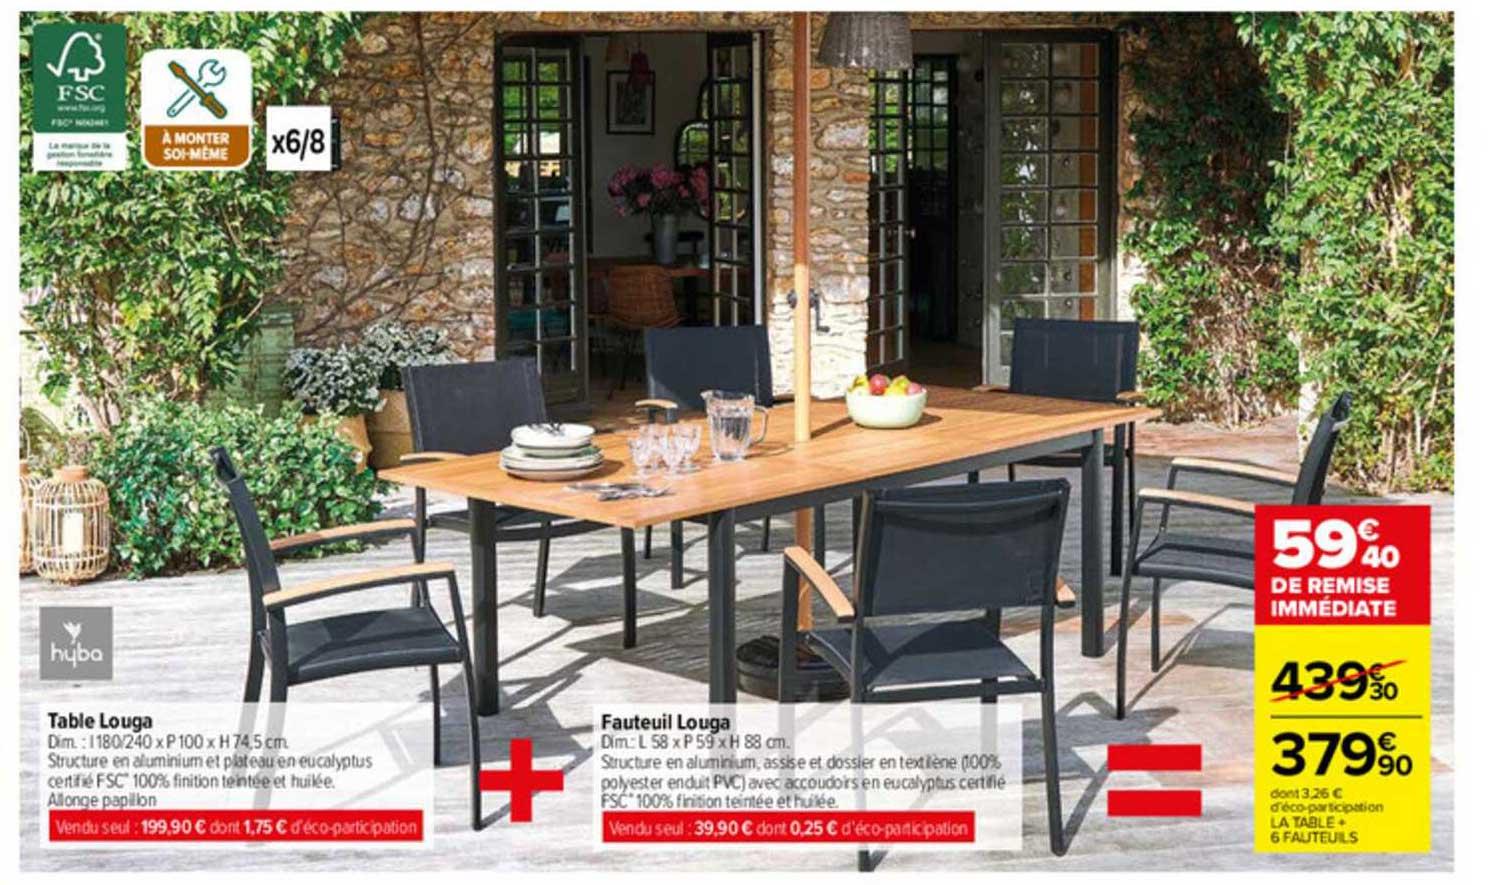 Carrefour Table Louga, Fauteuil Louga